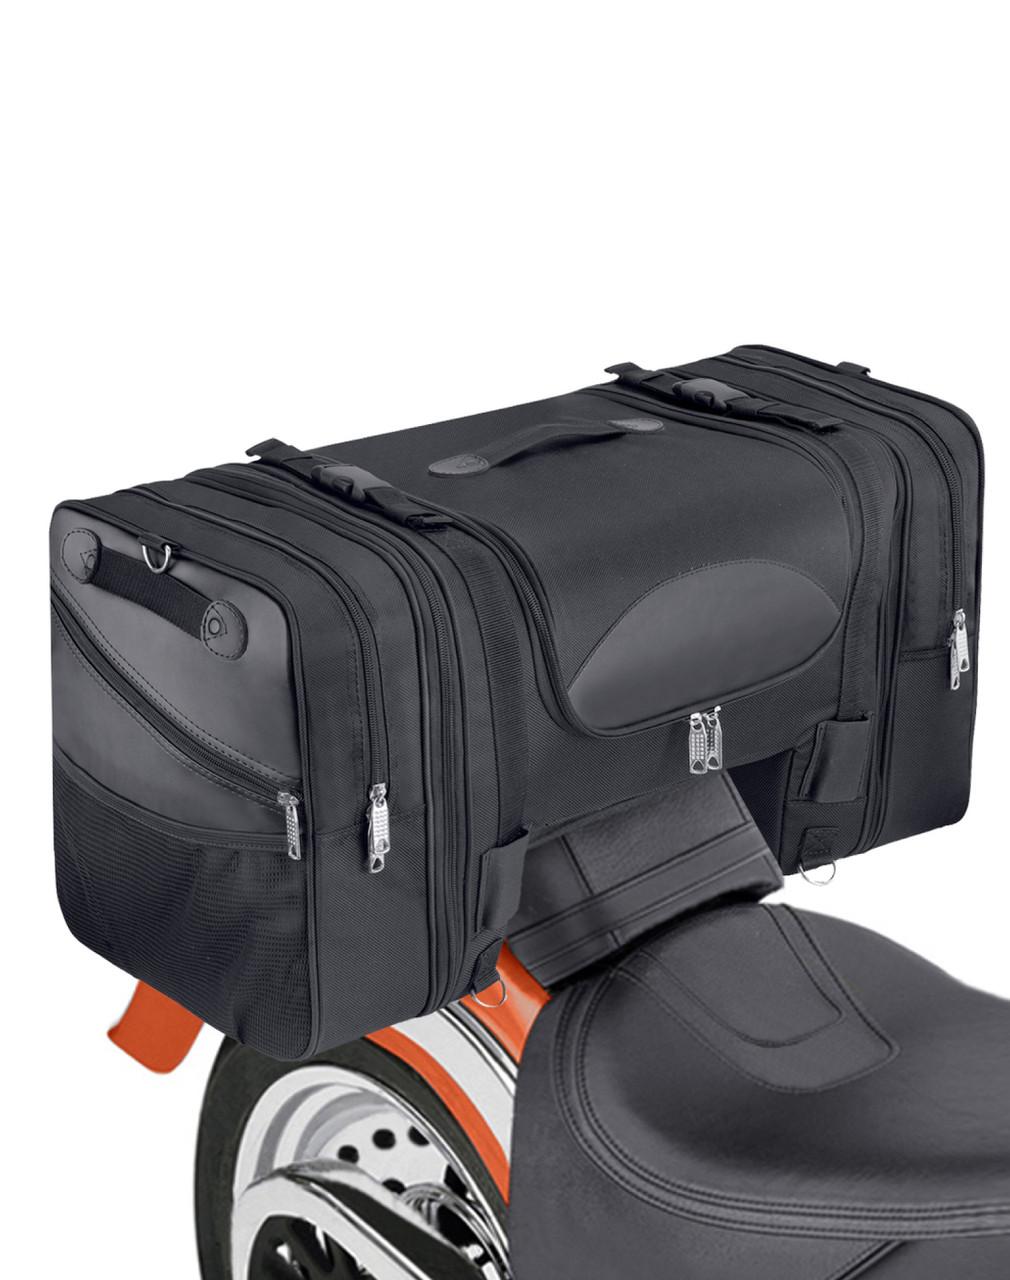 Suzuki Viking Expandable Cruiser Motorcycle Tail Bag